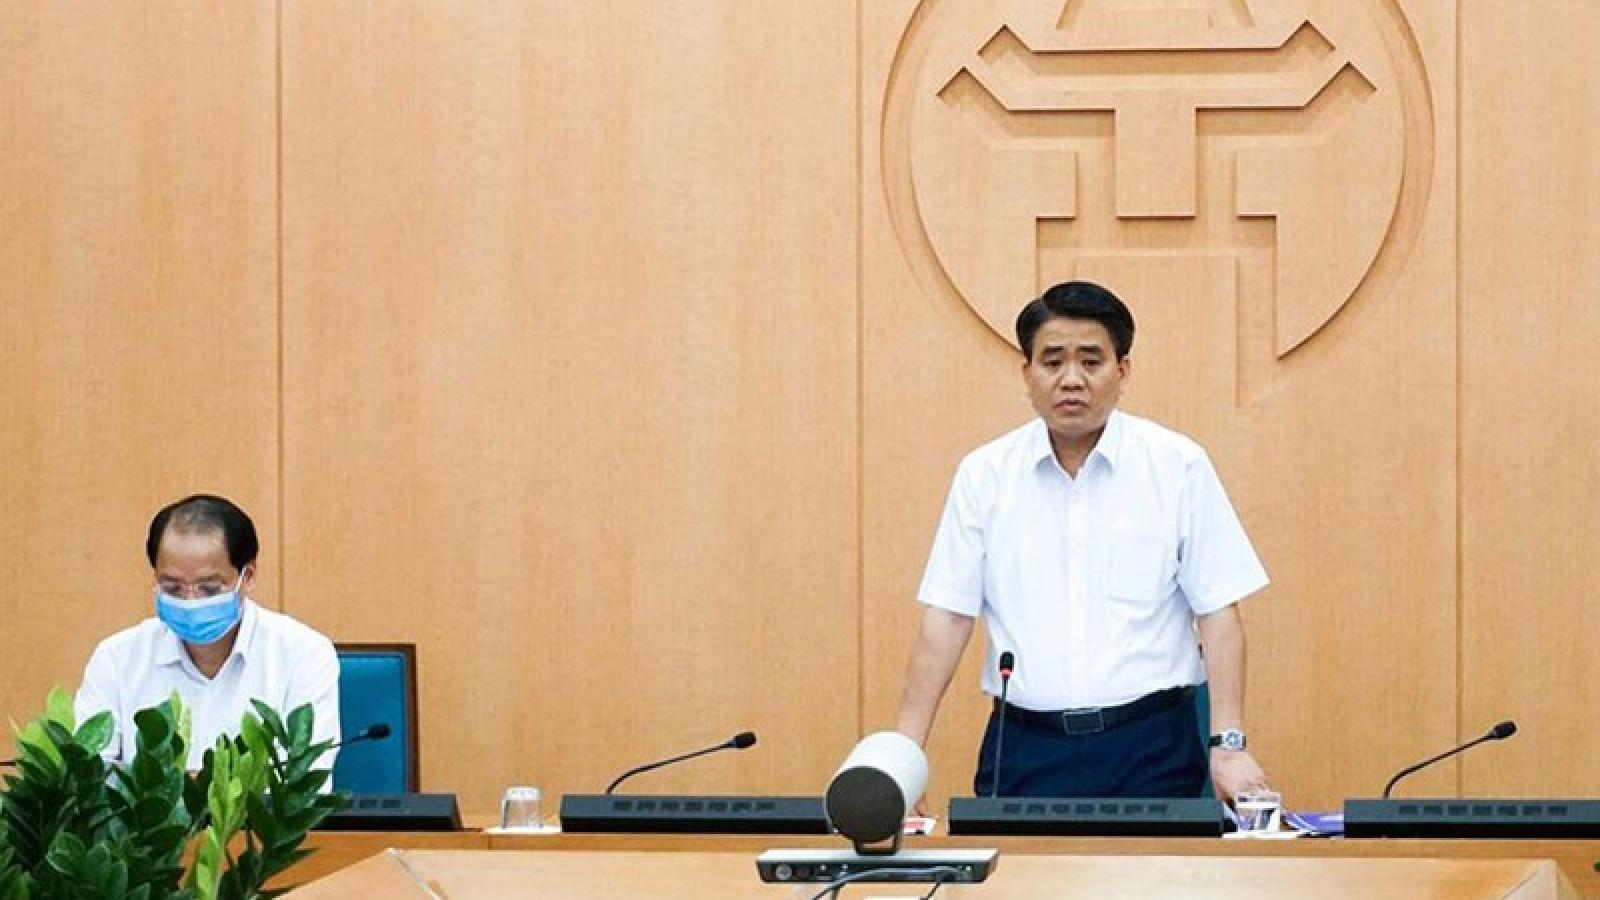 Chủ tịch Hà Nội đồng ý kết thúc cách ly tại thôn Hạ Lôi khi đến hạn 0h ngày 6/5 Thể hiện